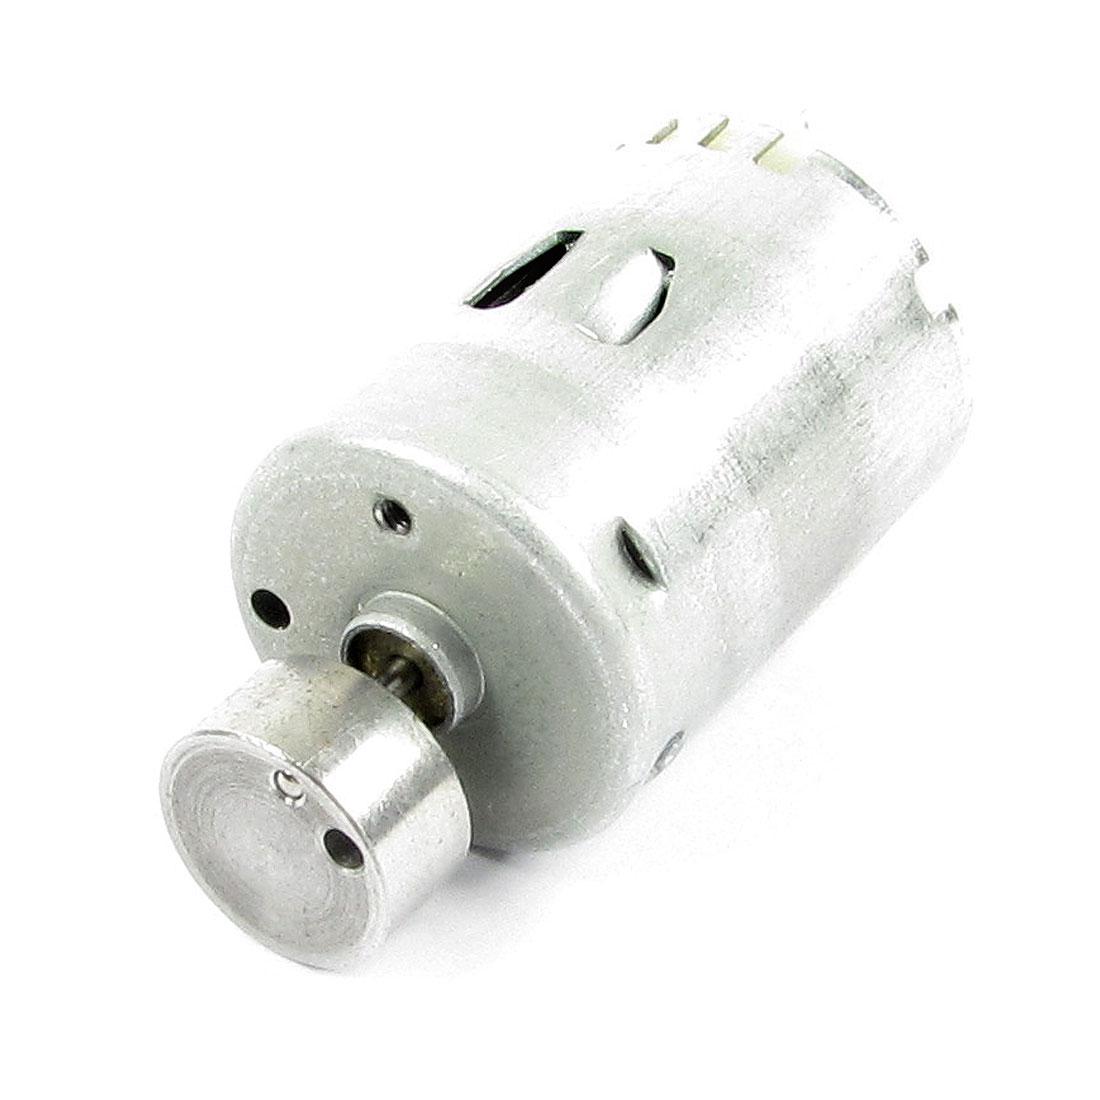 35000RPM-DC-6V-Magnetic-Vibrating-Vibration-Mini-Motor